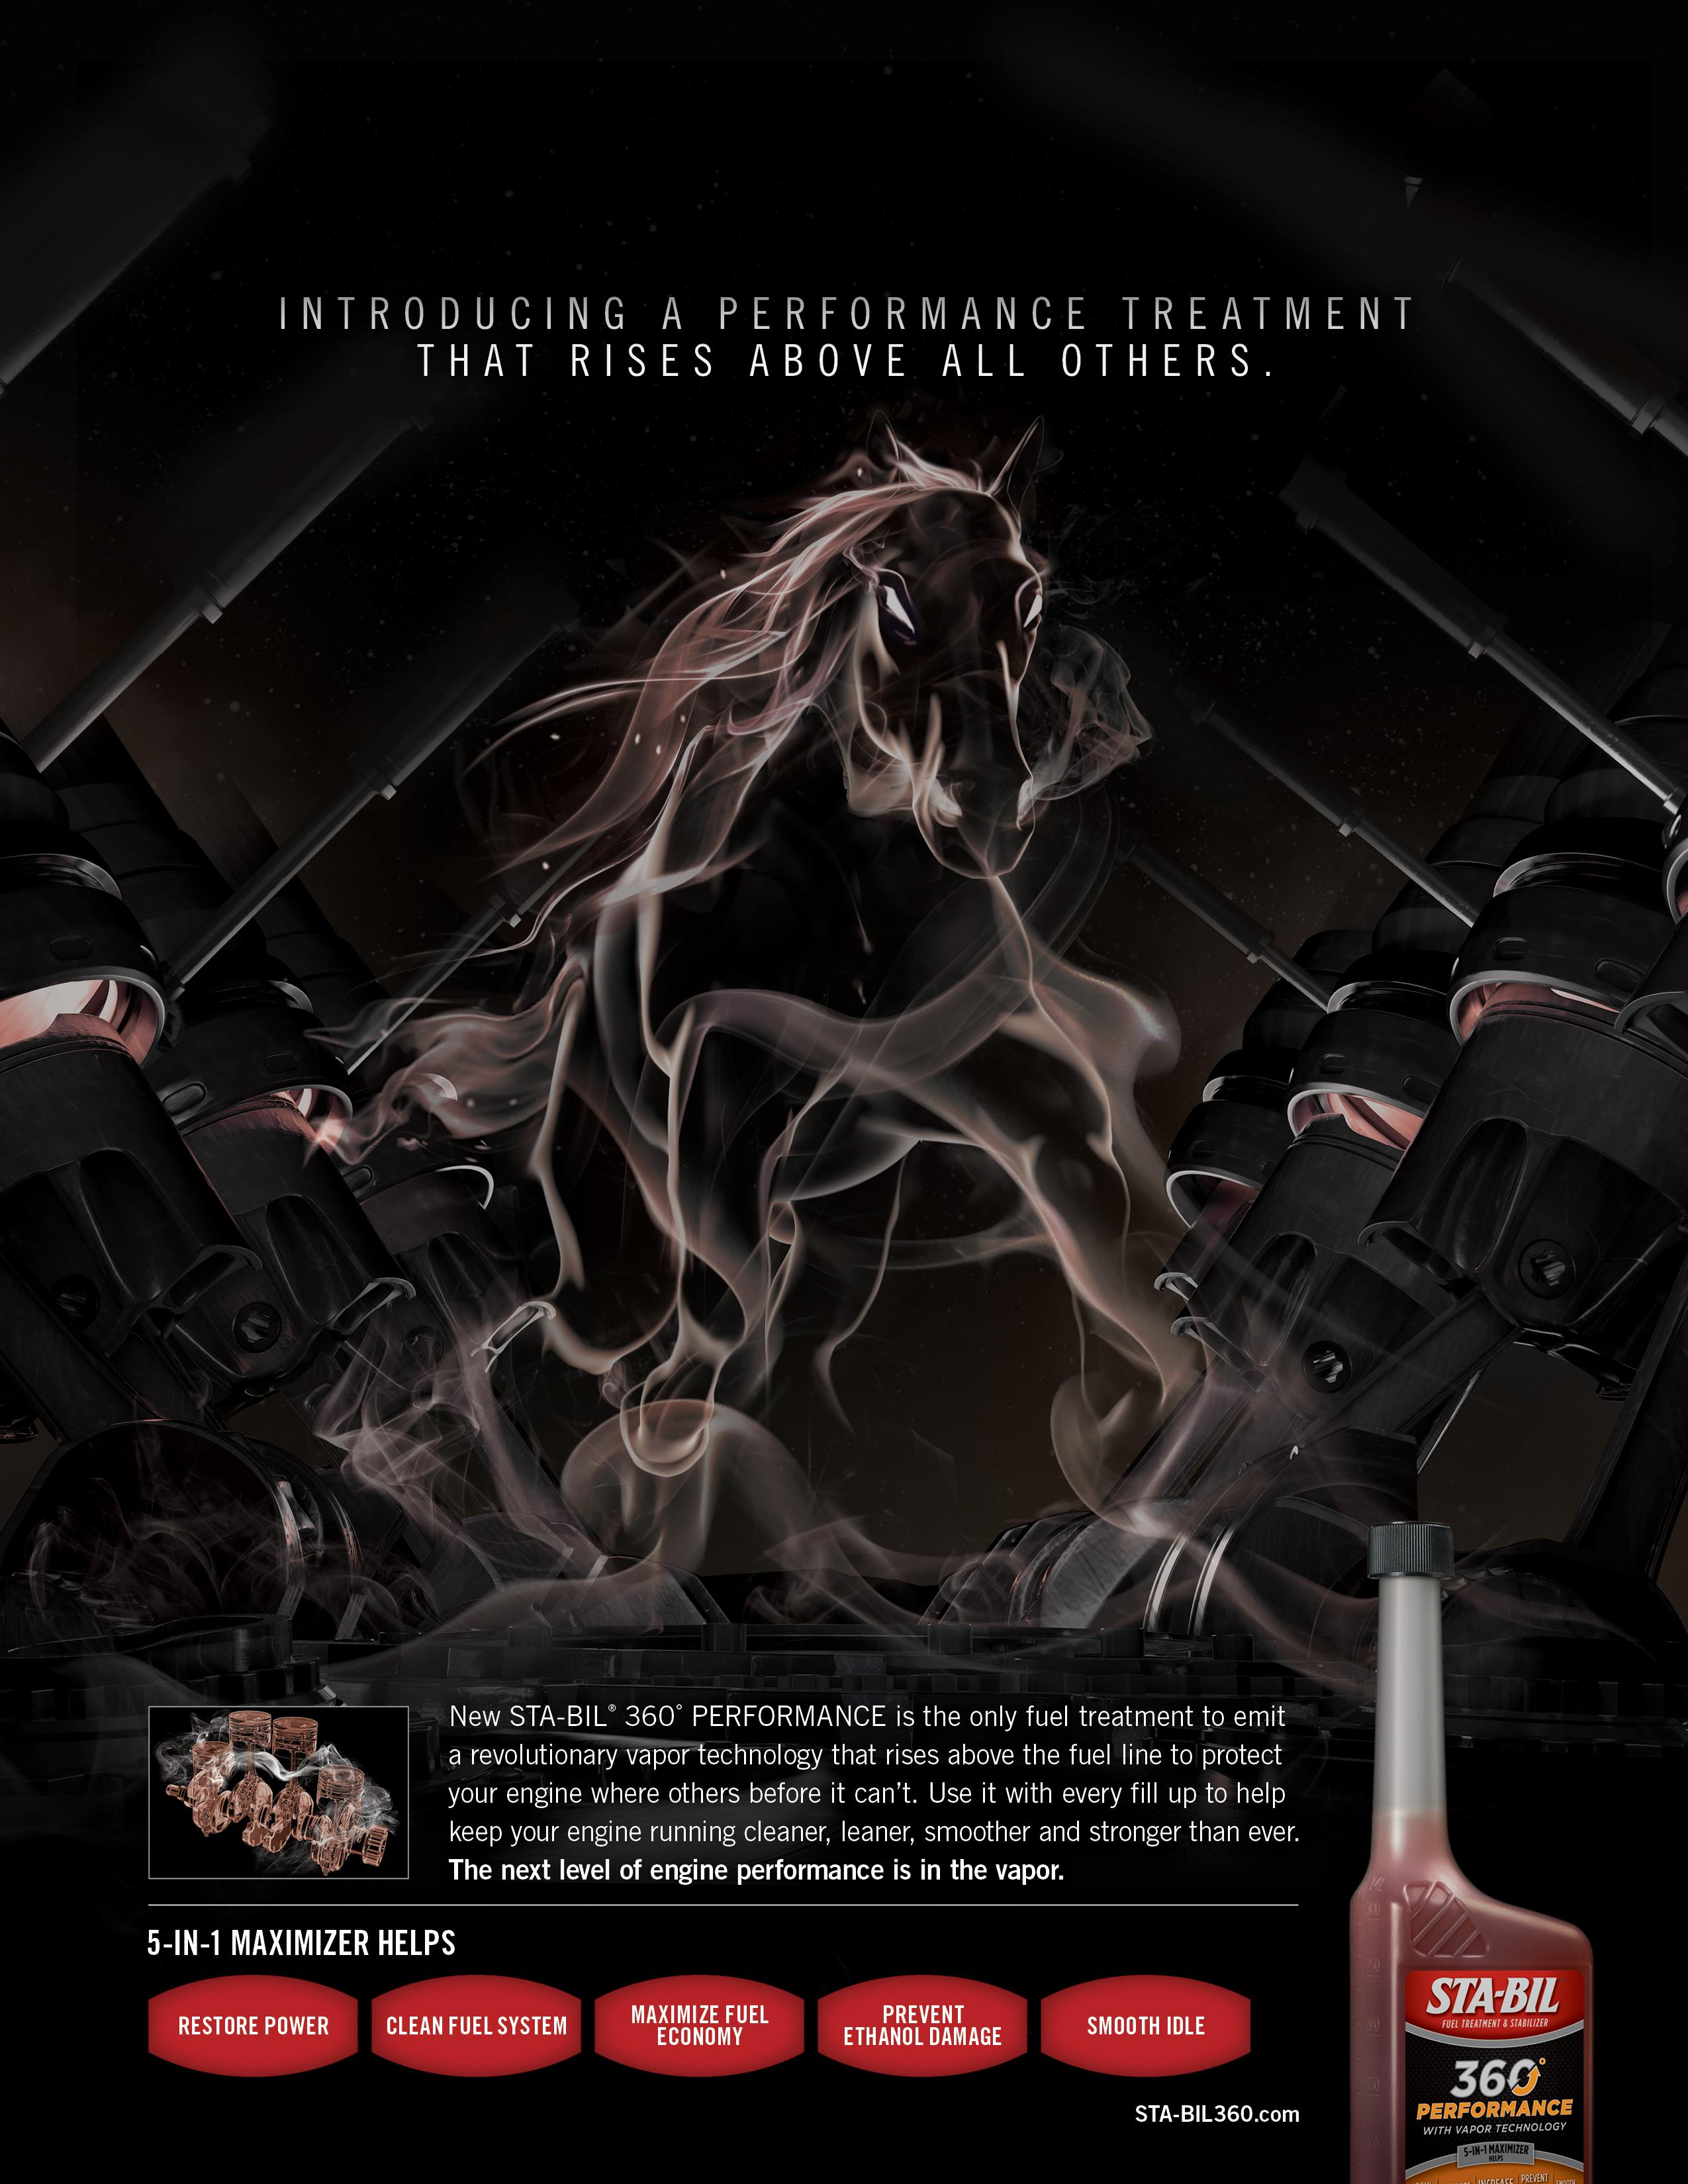 STA-BIL: Horse